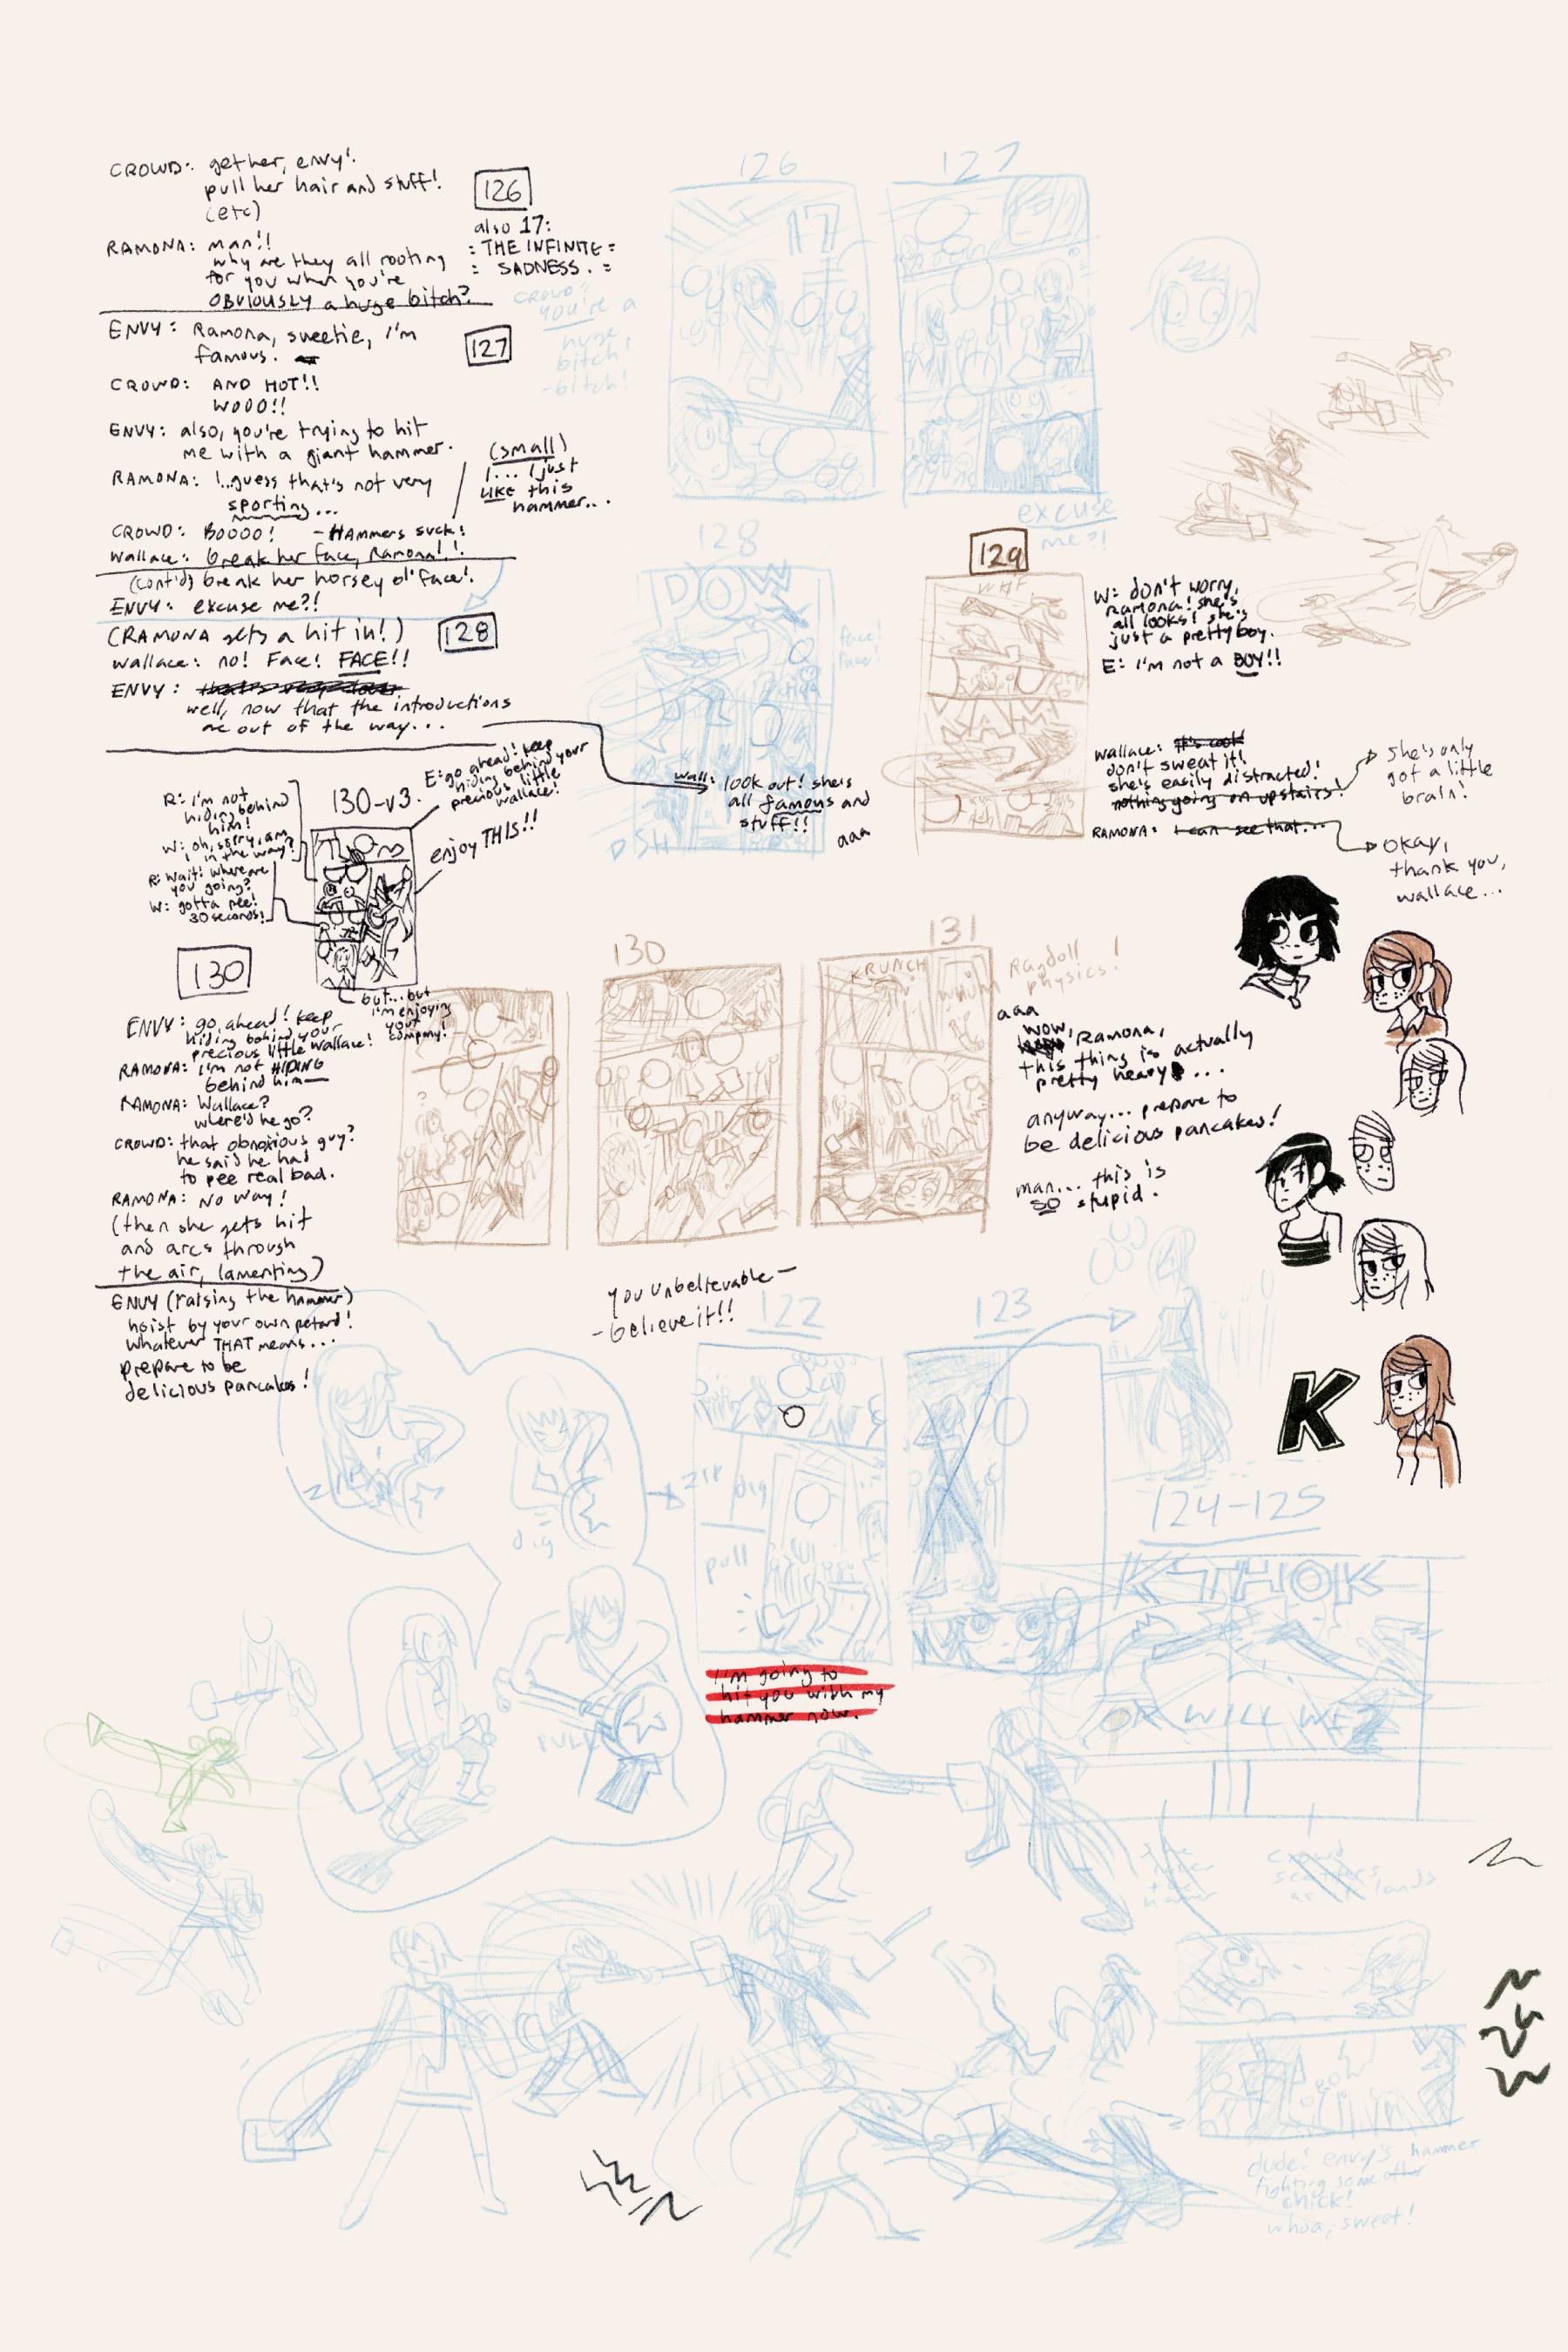 Read online Scott Pilgrim comic -  Issue #3 - 213